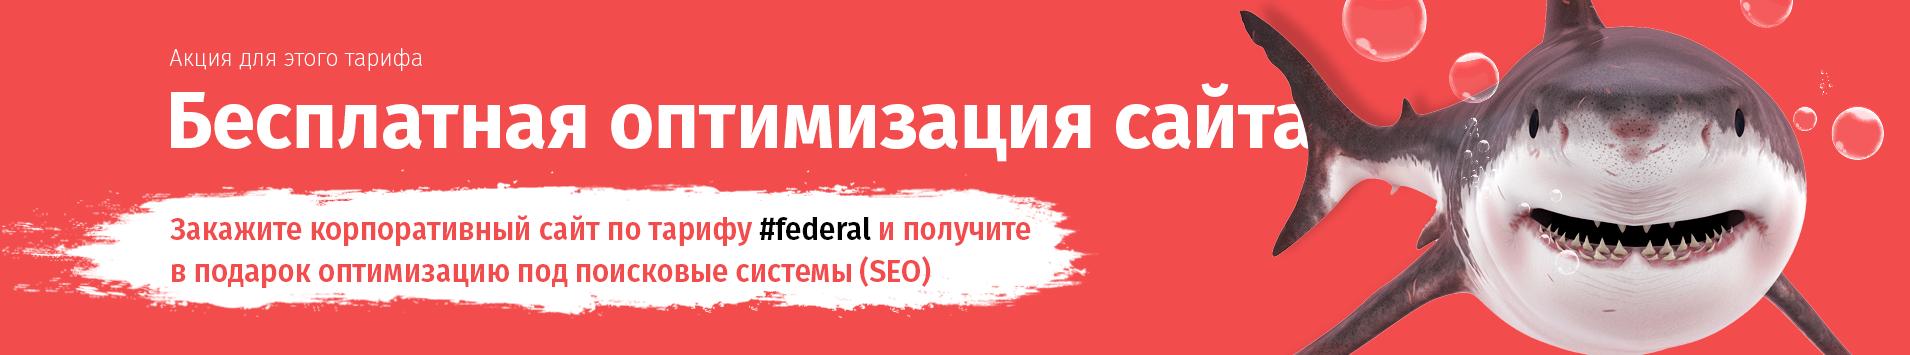 Бесплатная оптимизация сайта